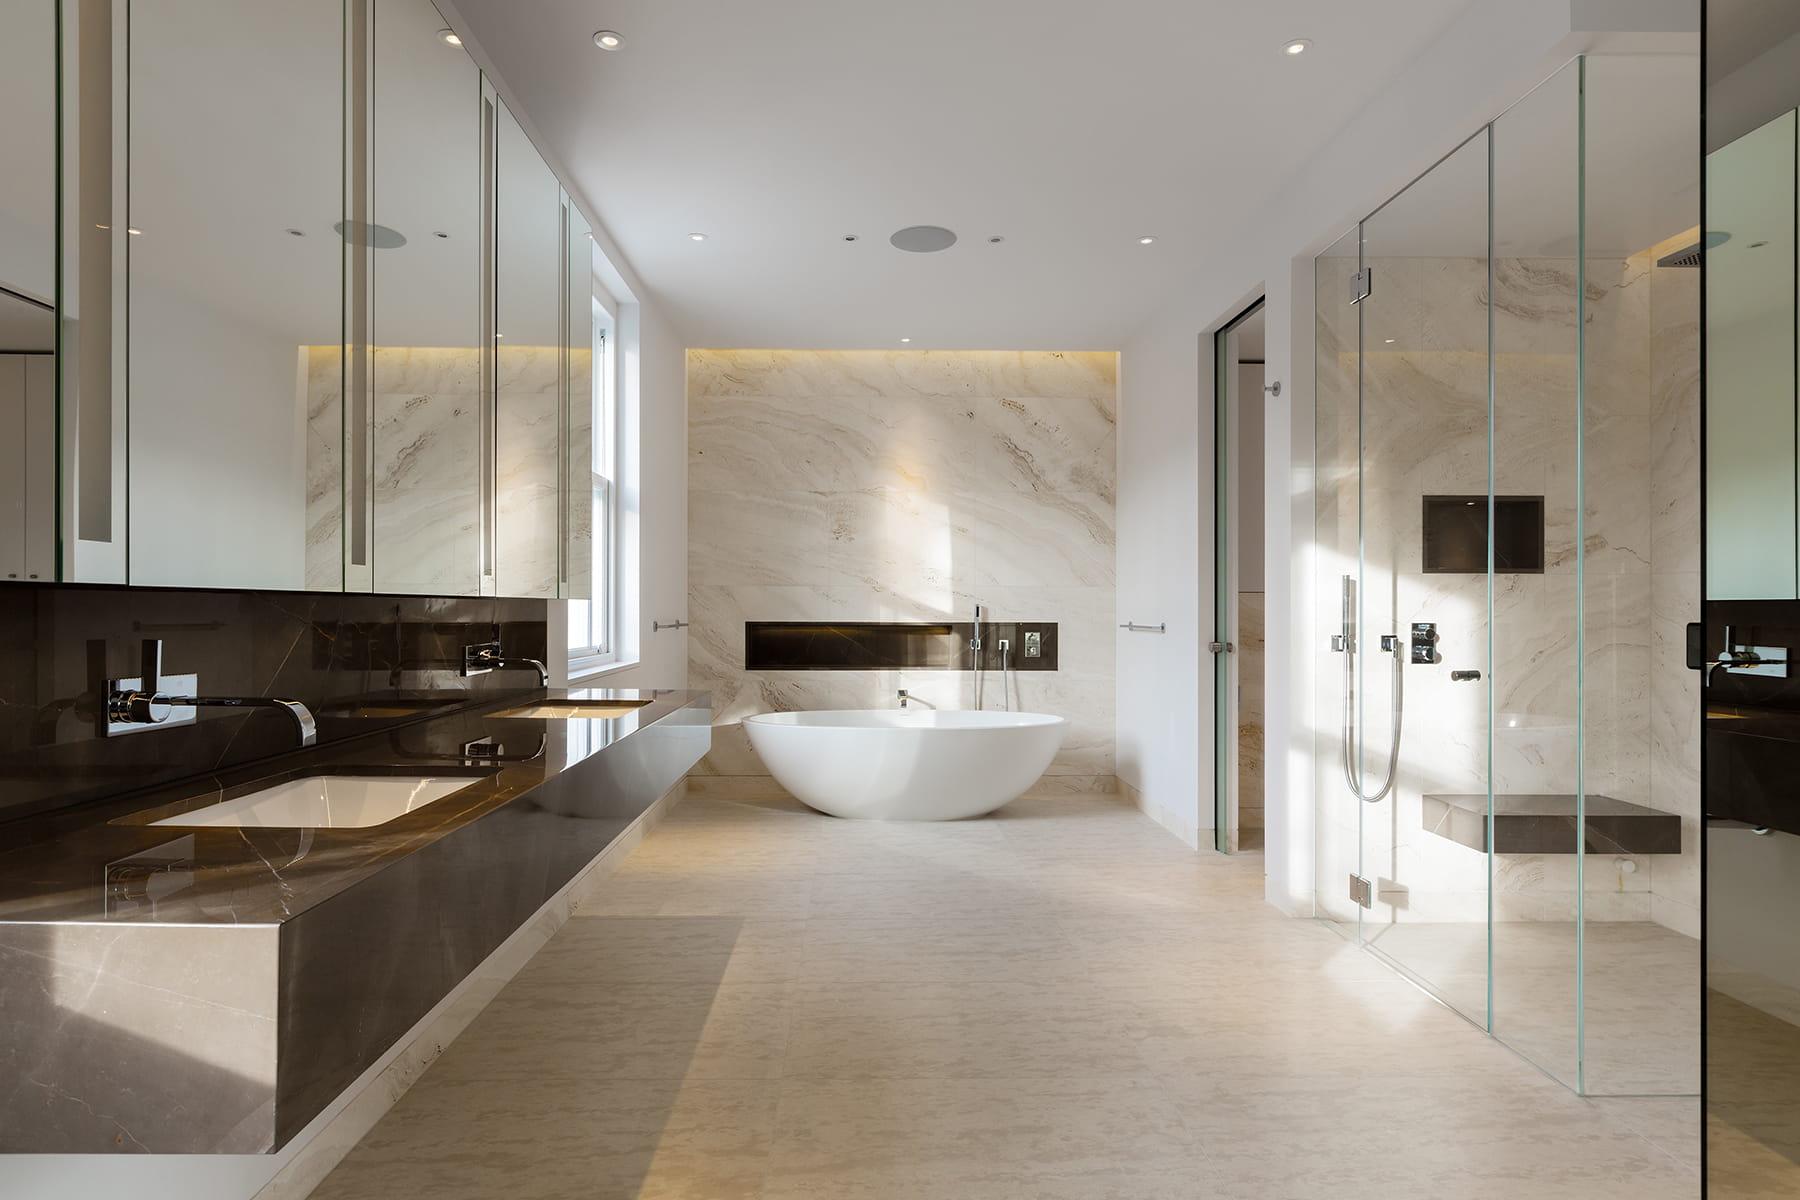 Une salle de bains lumineuse des salles de bains qui - Rever de salle de bain ...